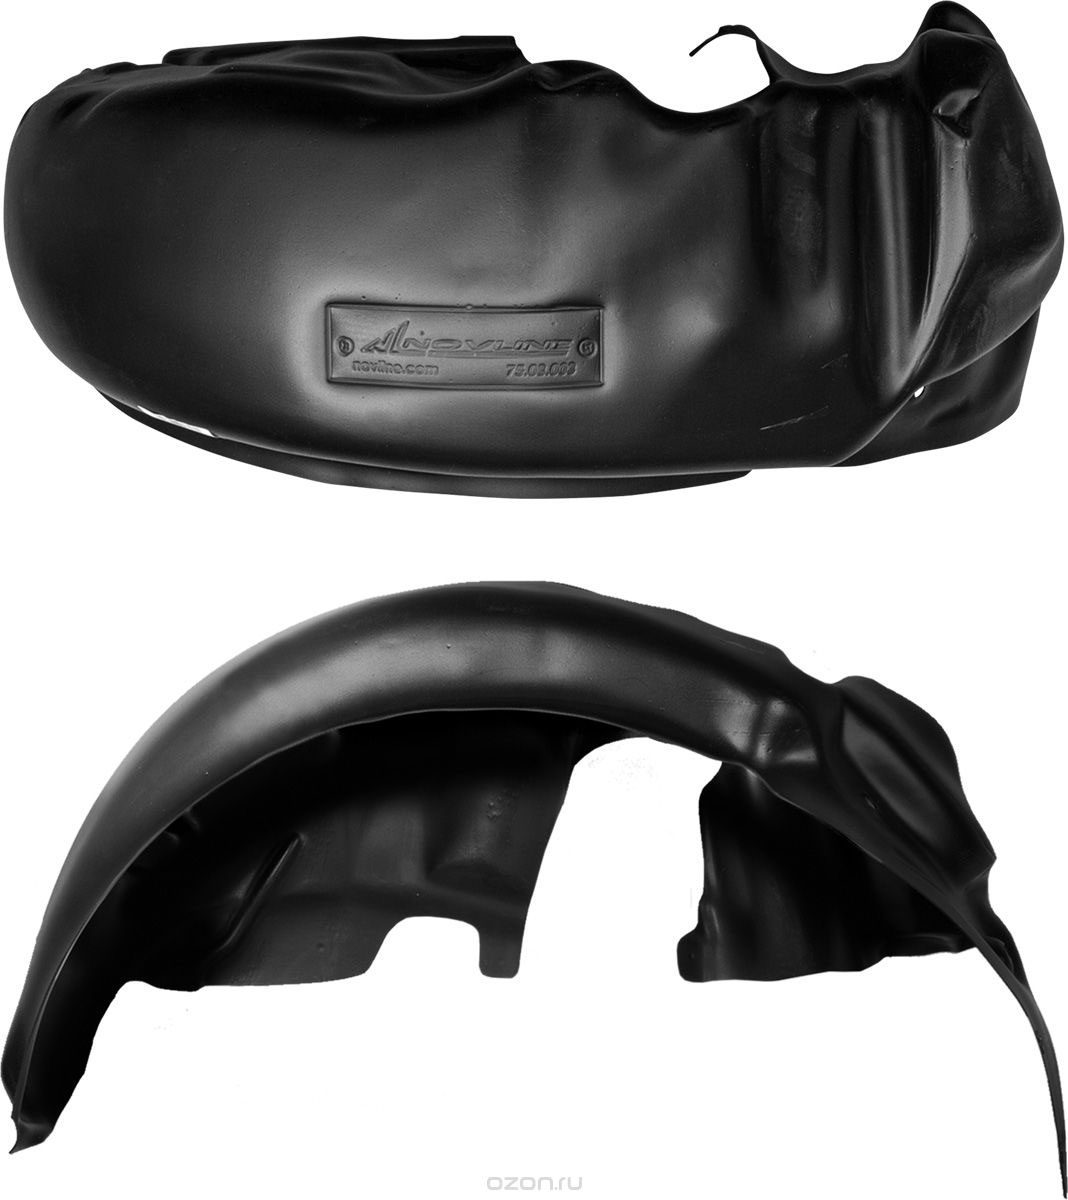 Подкрылок Novline-Autofamily, для DAEWOO Nexia 1995-2007, 2007->, передний левый002101Идеальная защита колесной ниши. Локеры разработаны с применением цифровых технологий, гарантируют максимальную повторяемость поверхности арки. Изделия устанавливаются без нарушения лакокрасочного покрытия автомобиля, каждый подкрылок комплектуется крепежом. Уважаемые клиенты, обращаем ваше внимание, что фотографии на подкрылки универсальные и не отражают реальную форму изделия. При этом само изделие идет точно под размер указанного автомобиля.